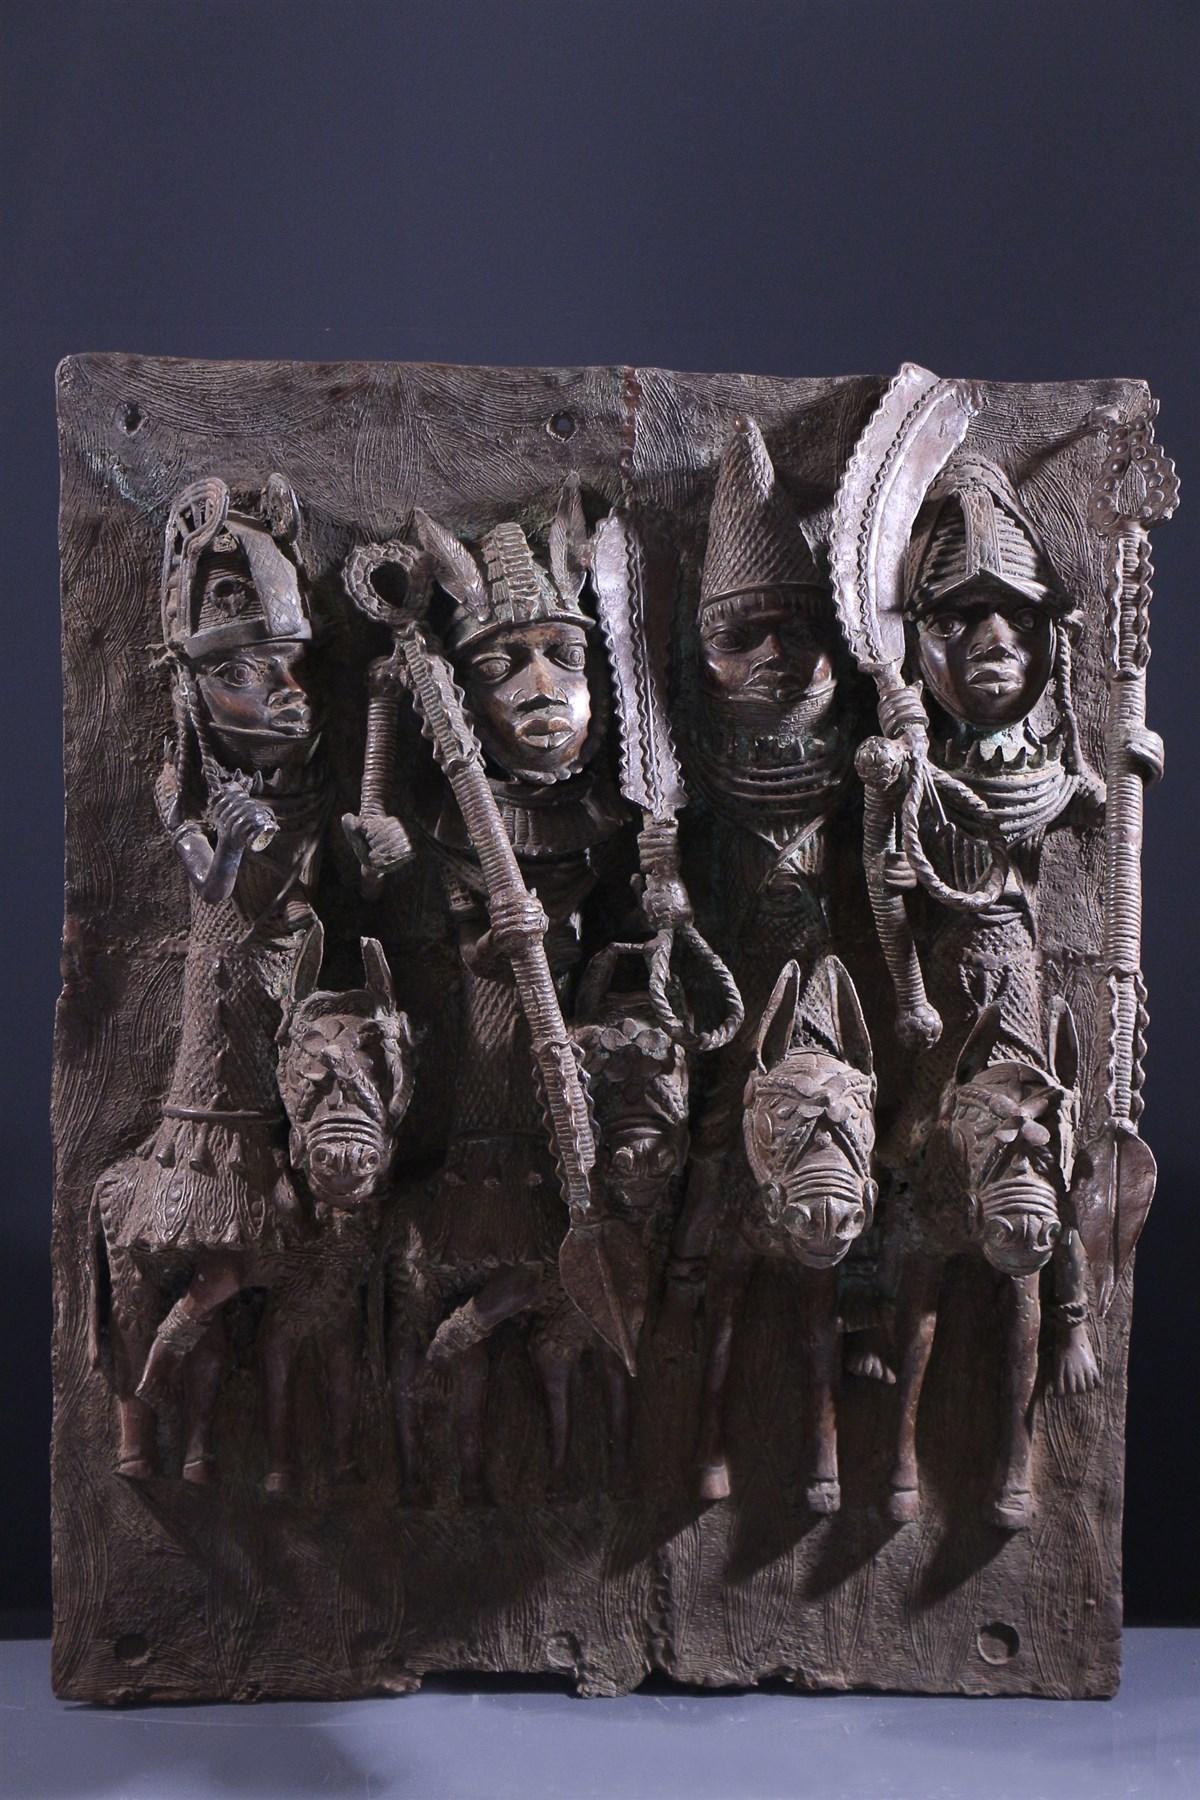 Grande plaque bronze royale Benin Bini Edo - Art africain